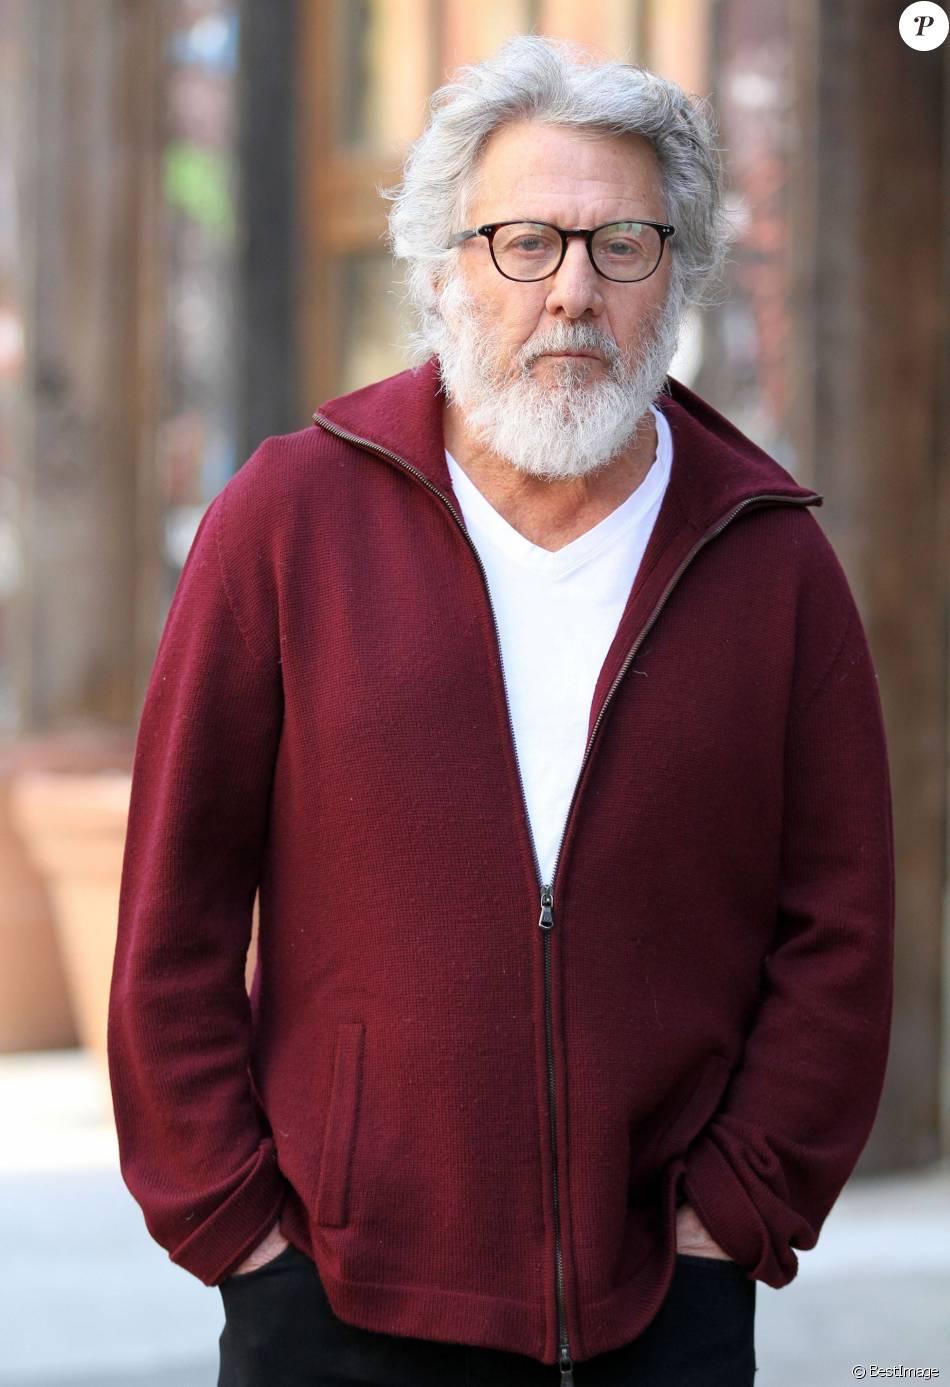 Dustin Hoffman, méconnaissable, sur le tournage de 'The Meyerowitz Stories' à New York, le 8 mars 2016